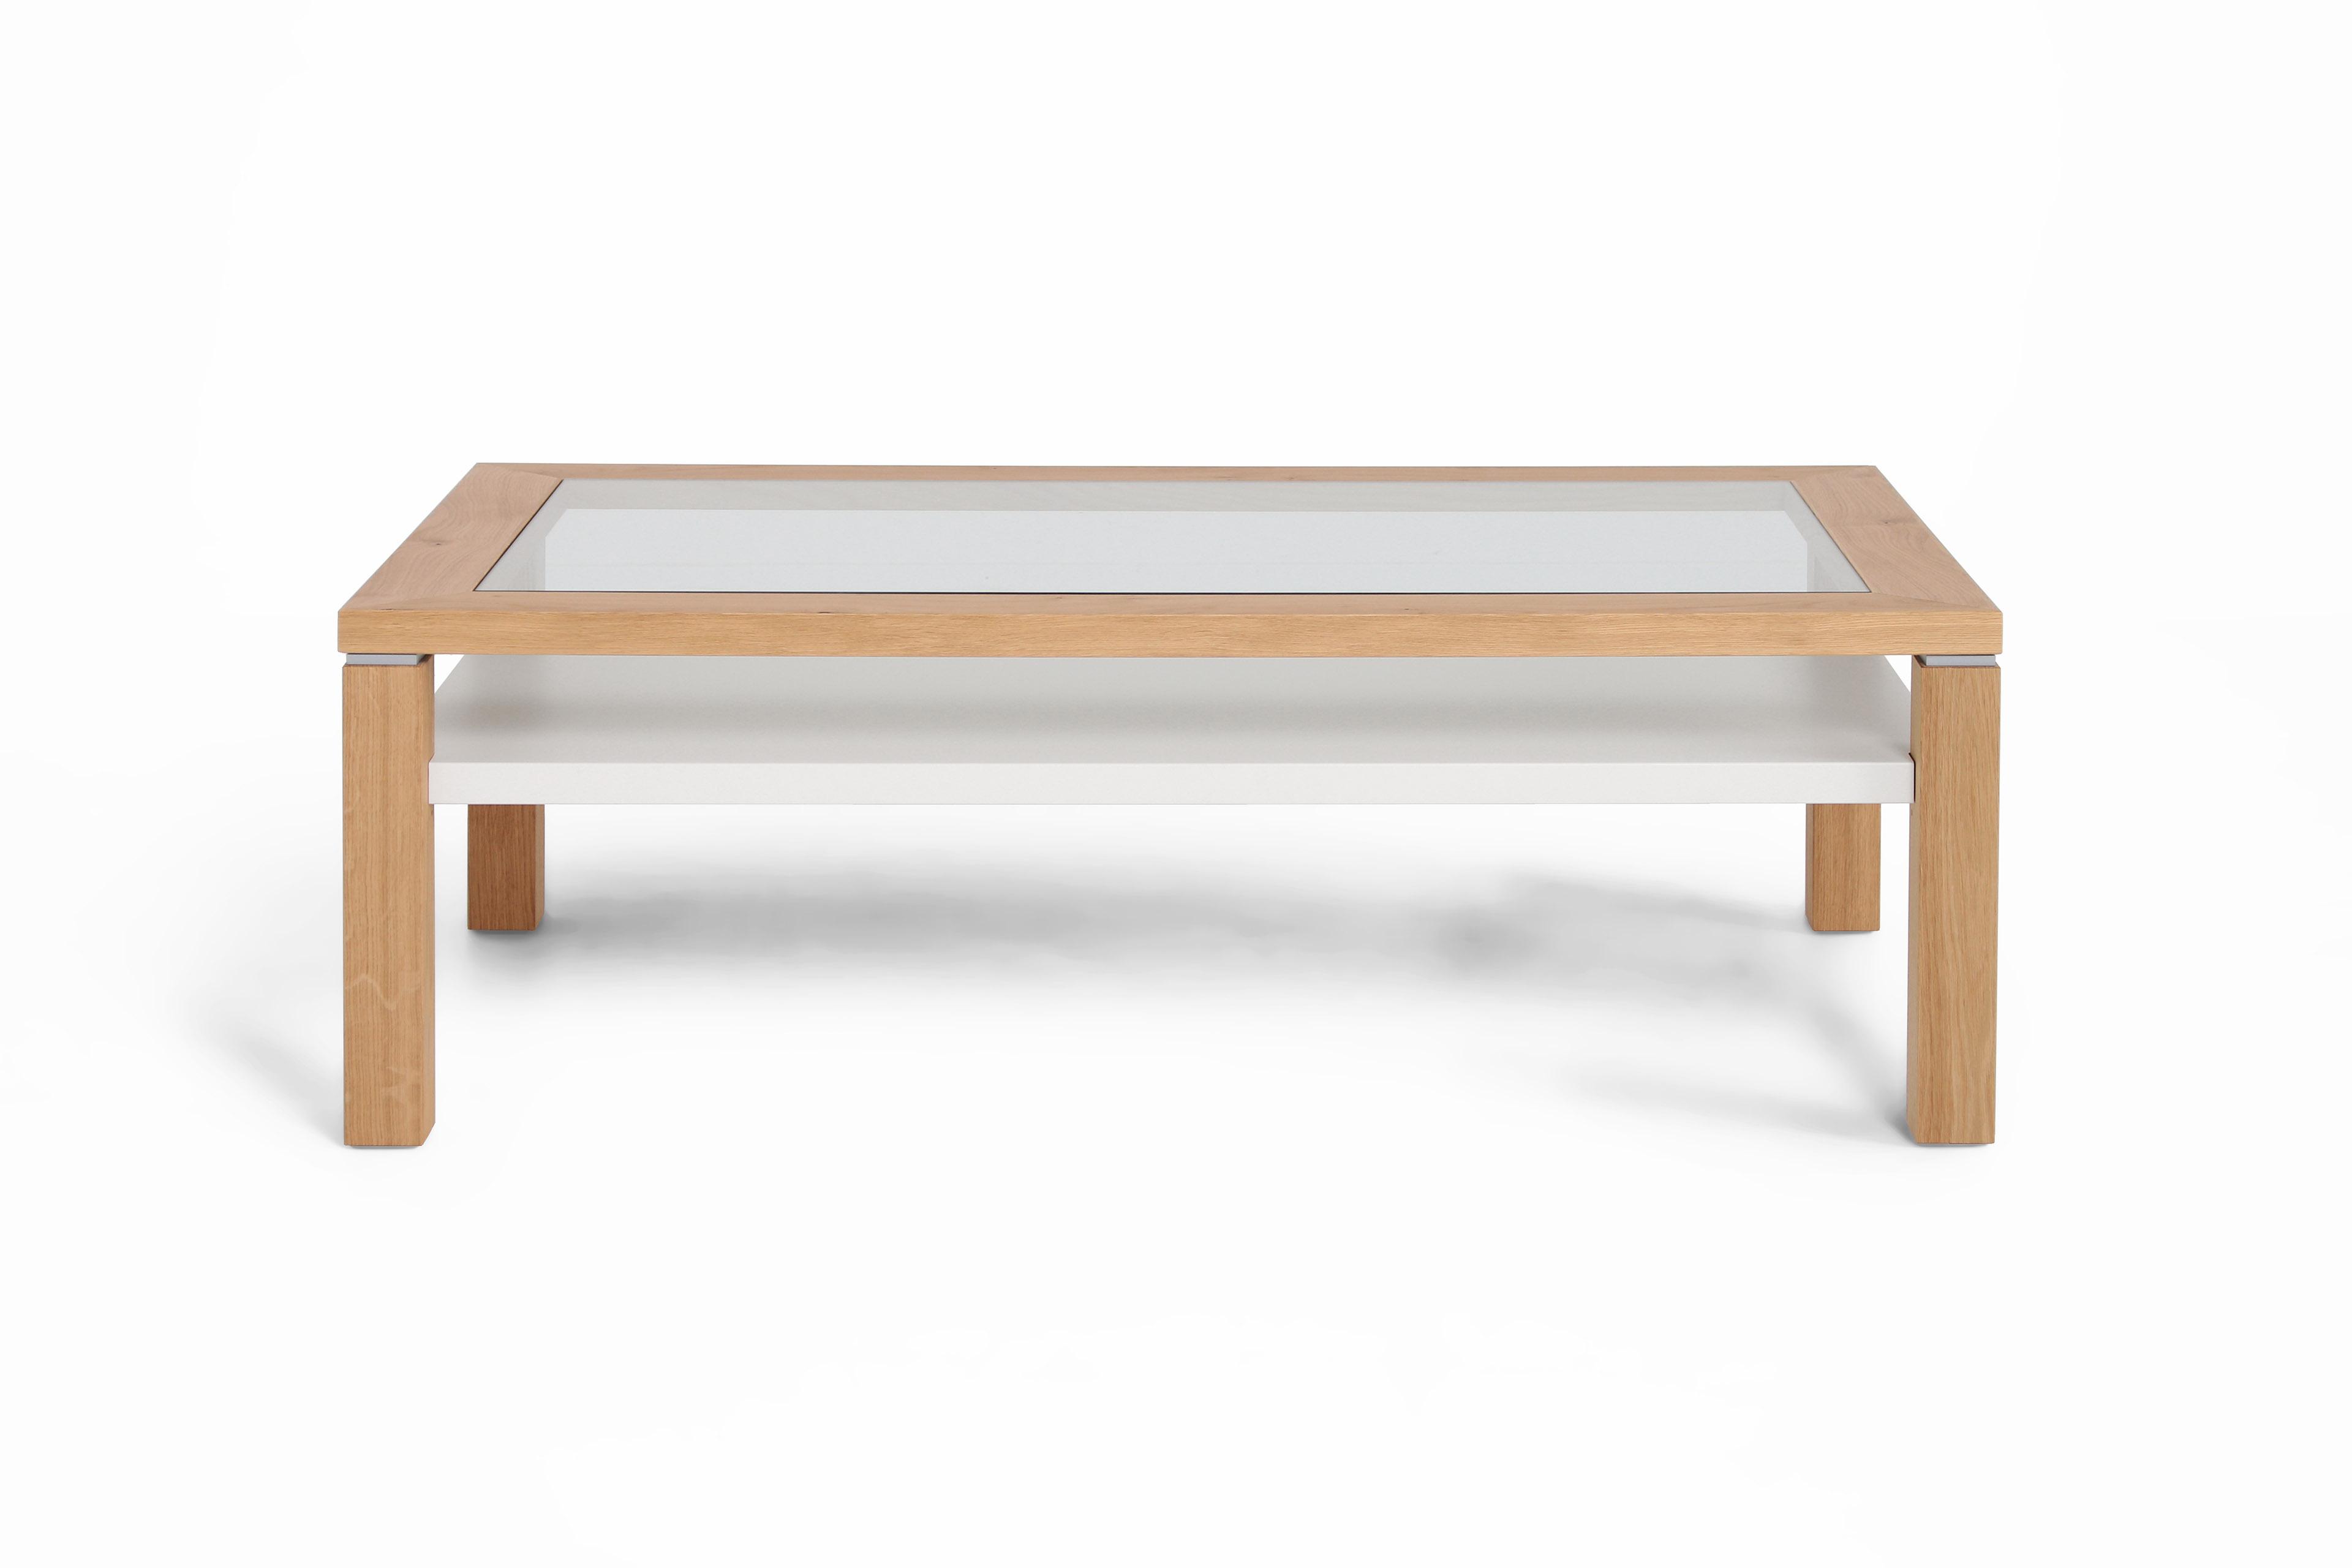 couchtisch cecado asteiche bianco von w stmann. Black Bedroom Furniture Sets. Home Design Ideas